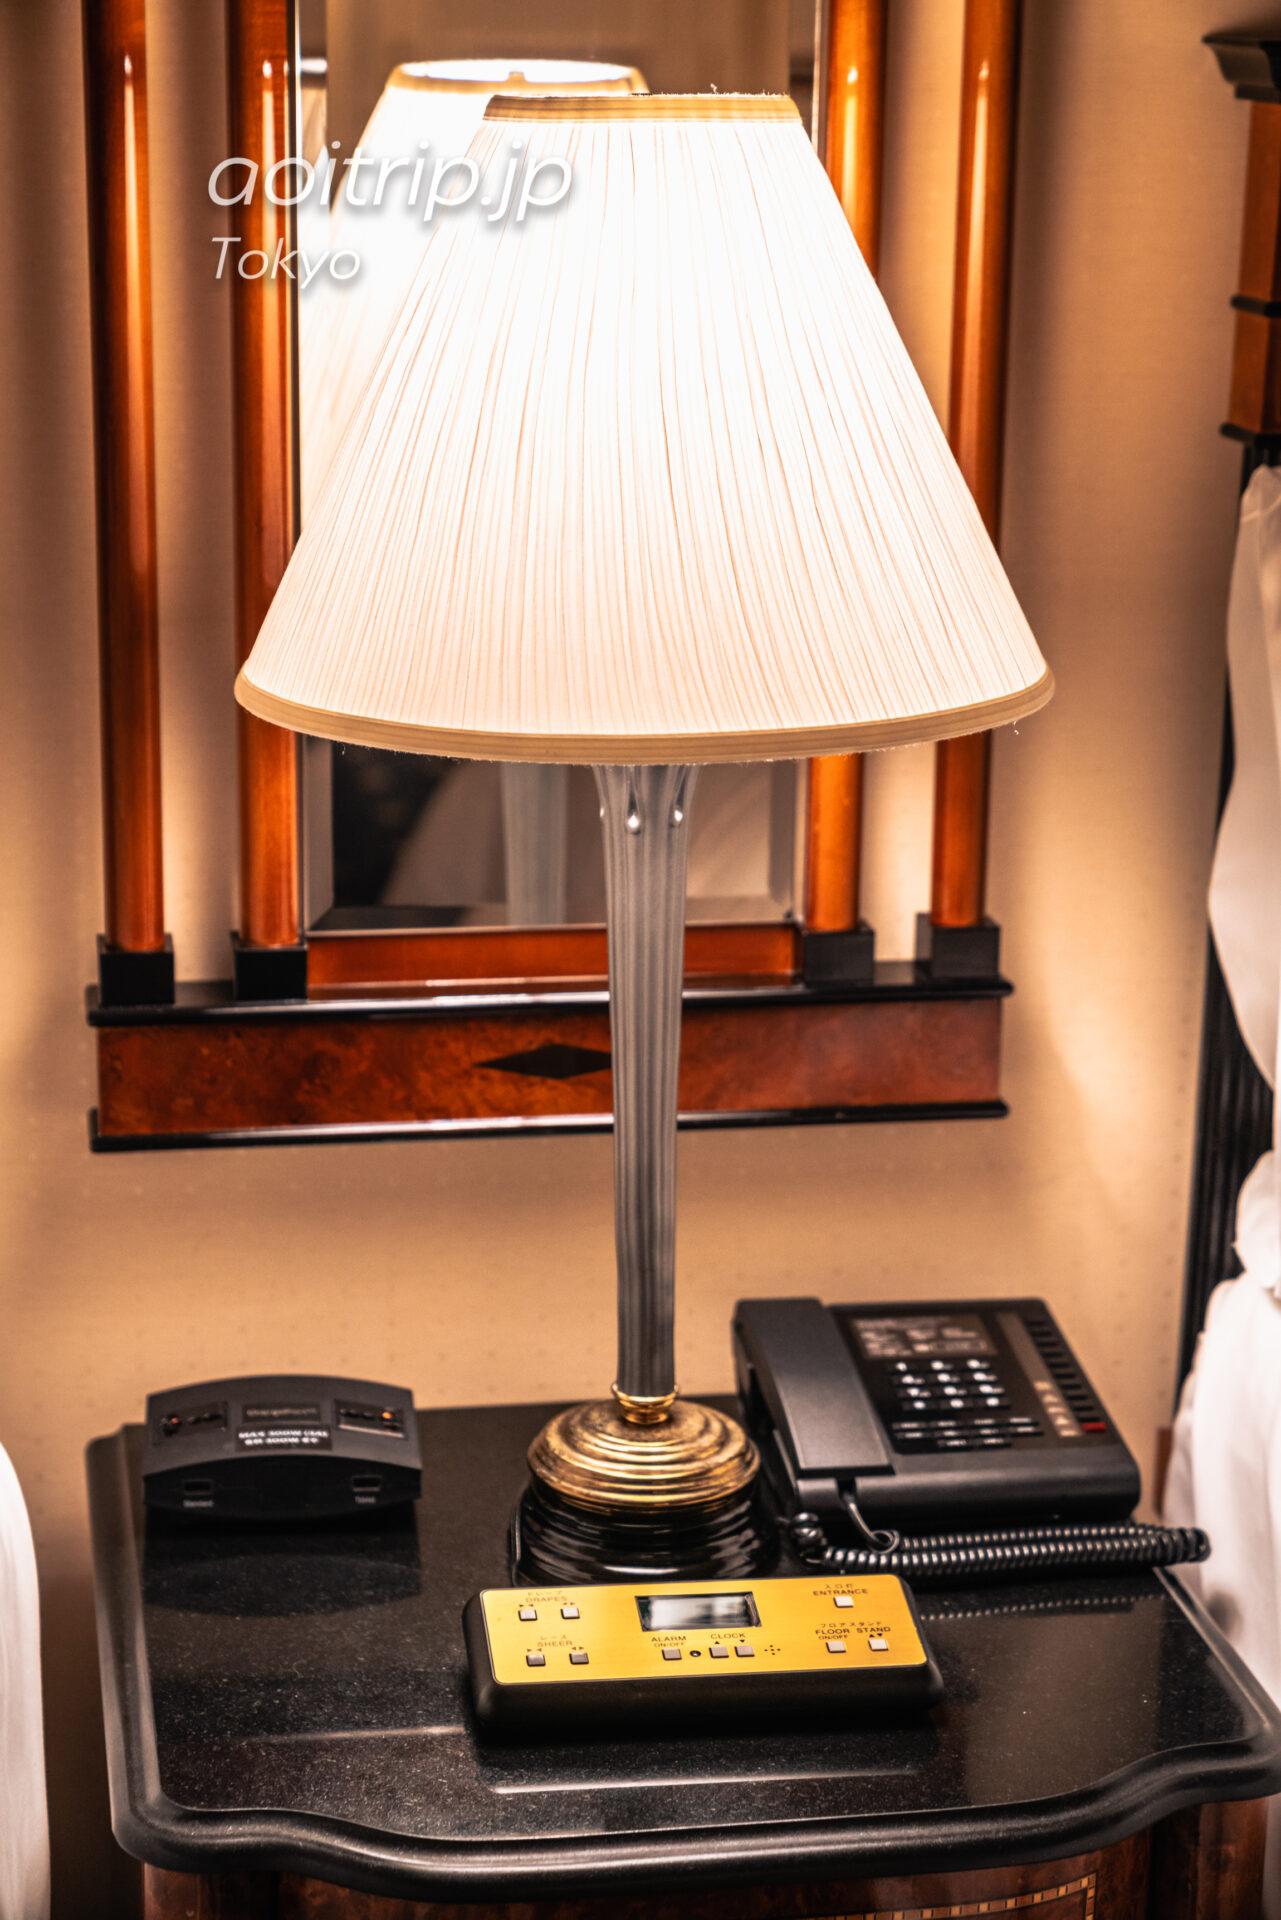 ウェスティン東京 デラックススイート ダブルベッド2台, クラブラウンジ, 東京タワービュー Deluxe Suite 2 Double, Club lounge access, 1 Bedroom Suite, Tokyo Tower view ベッドのサイドテーブルとコンセント